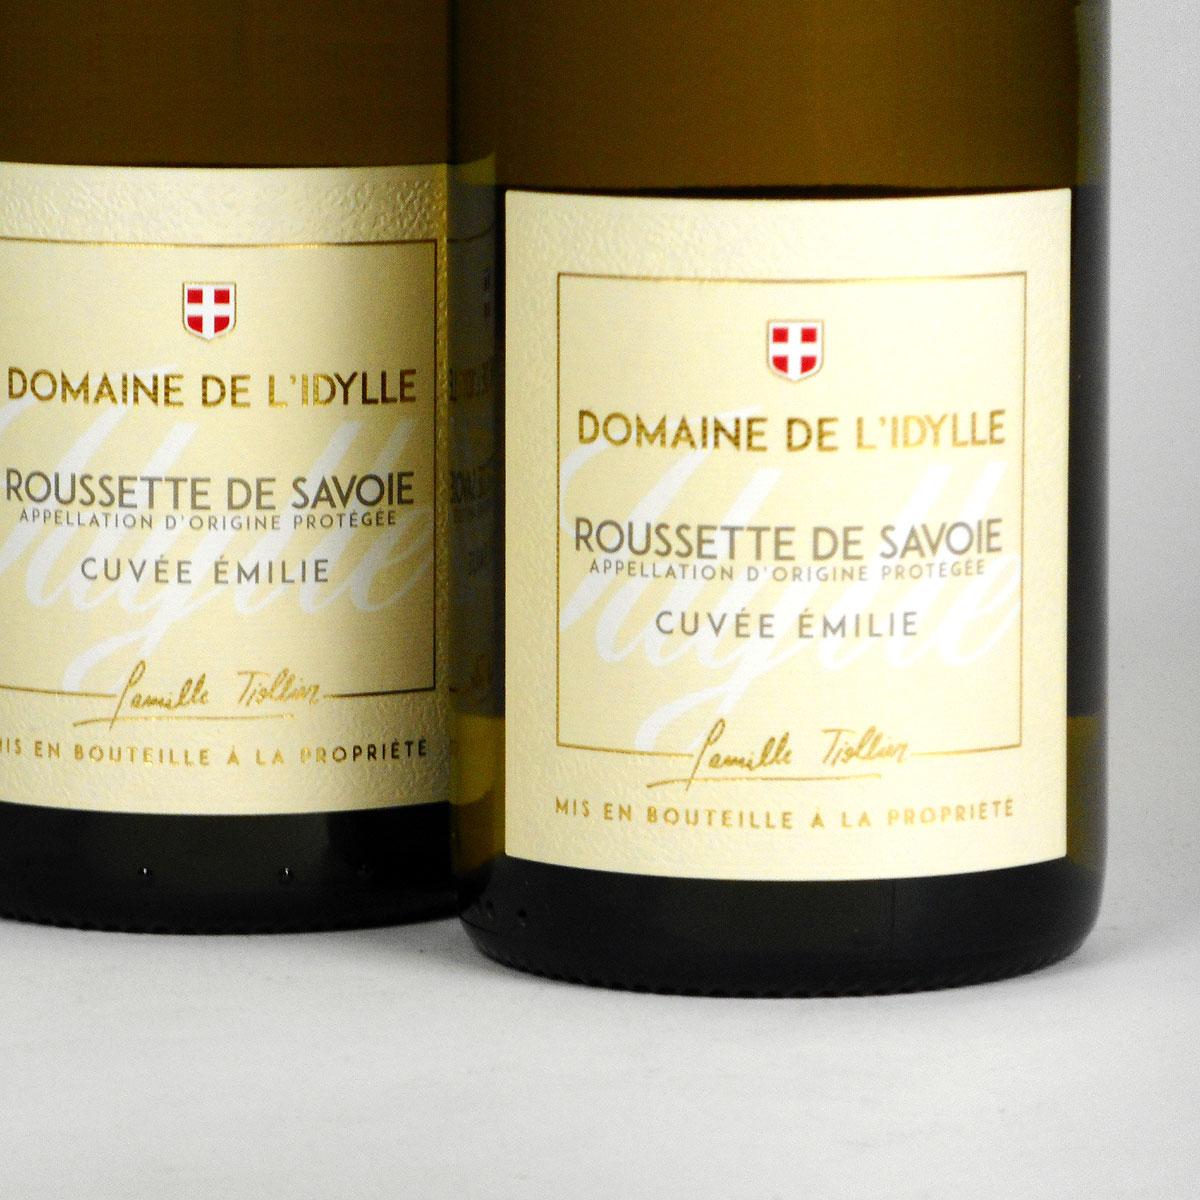 Savoie: Domaine de L'Idylle 'Cuvée Emilie' Roussette 2018